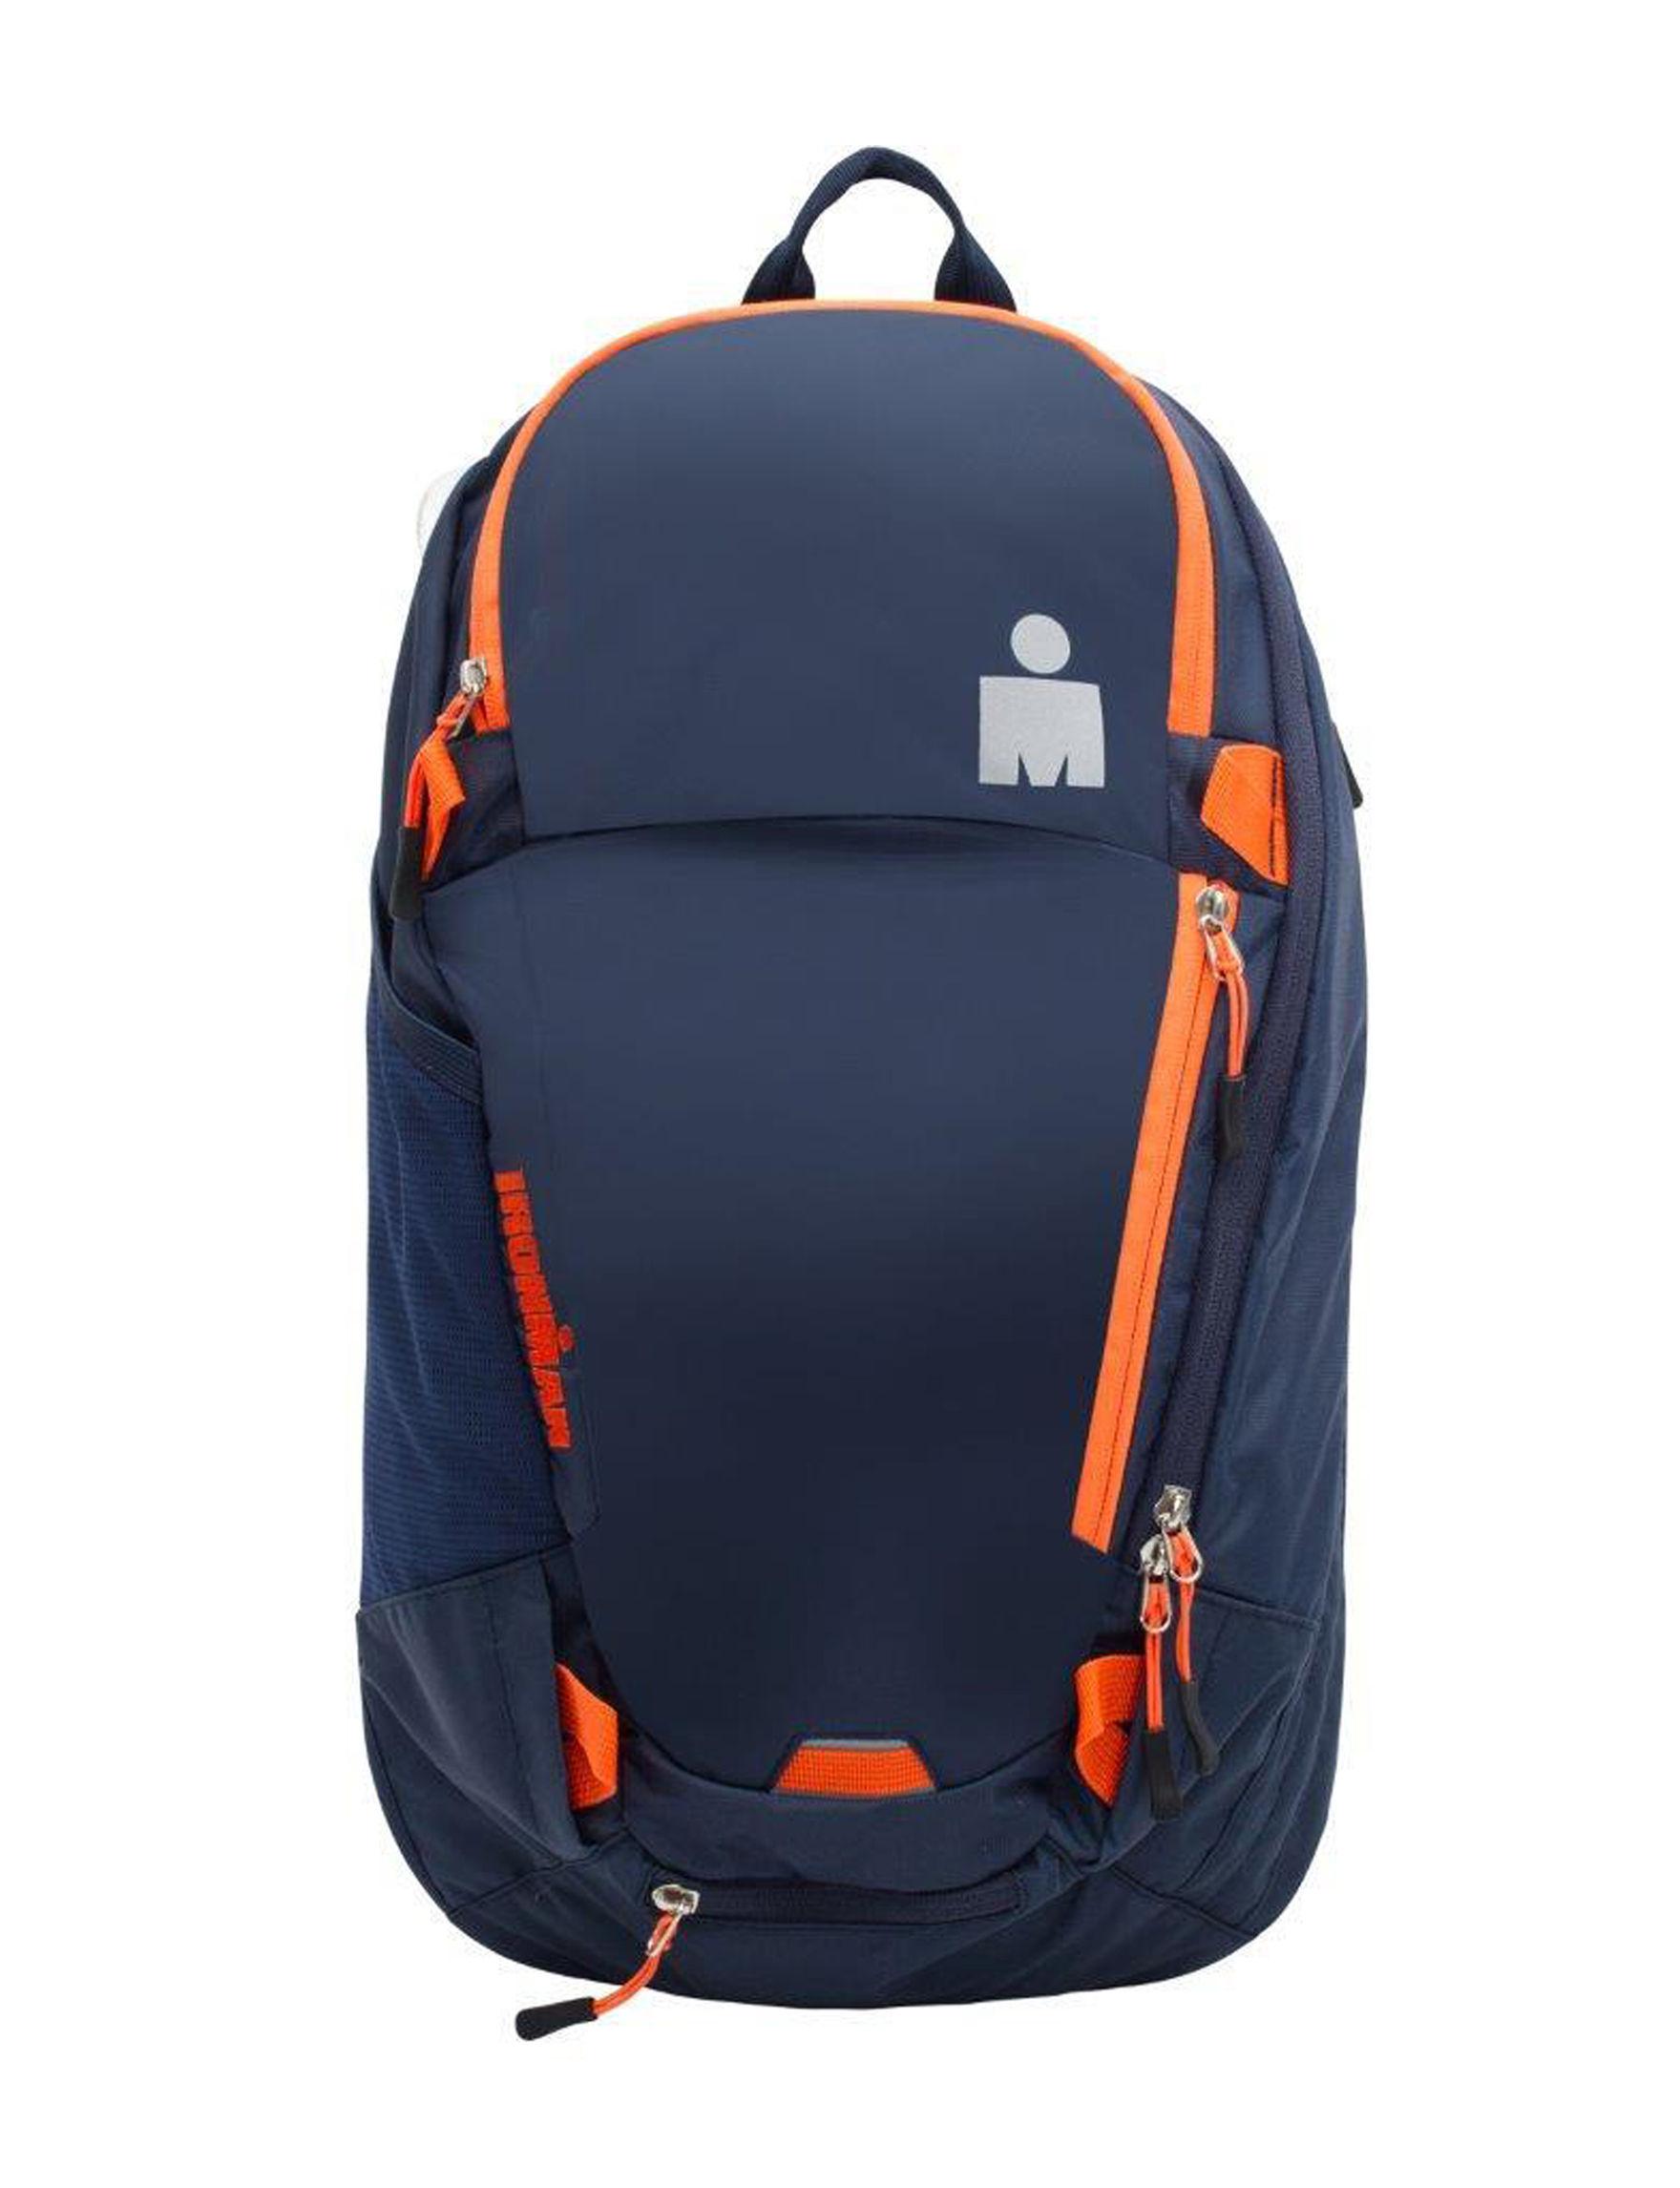 Cosmopolitan Navy / Orange Bookbags & Backpacks